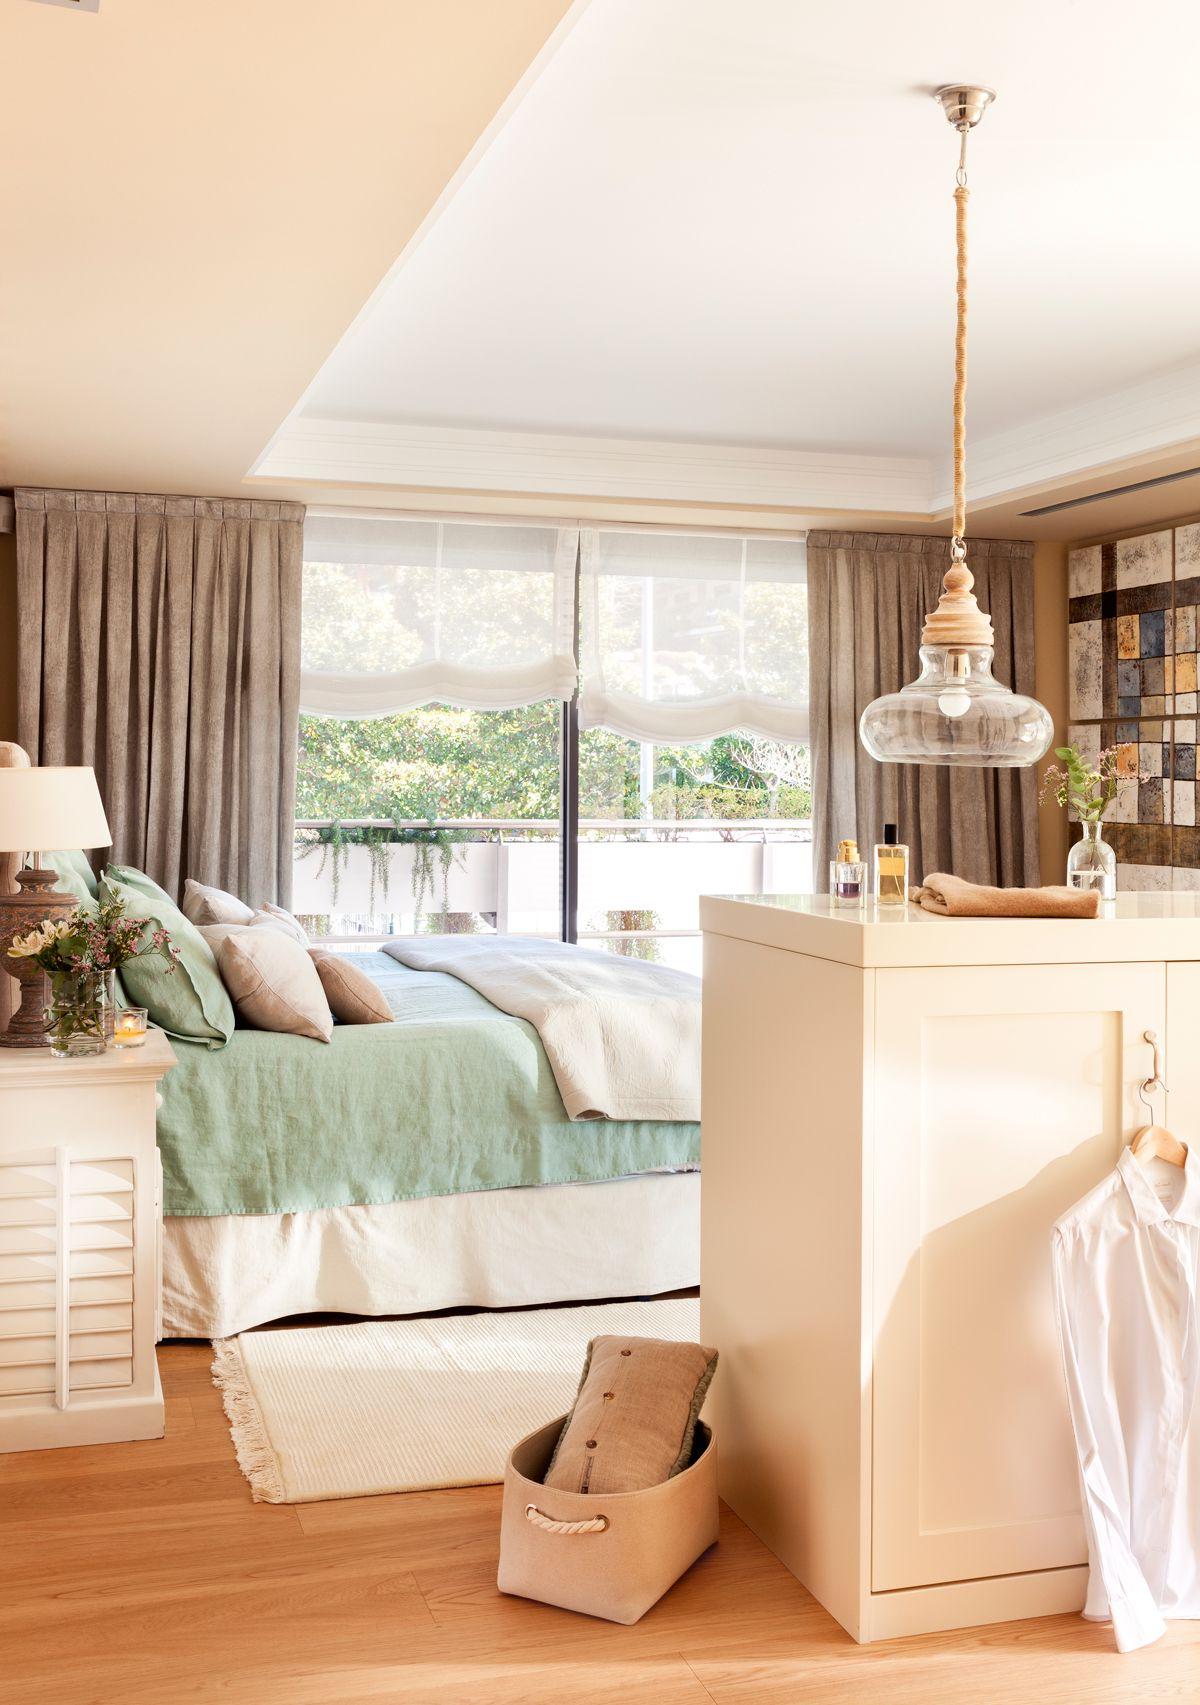 El Mueble Cortinas Wddj A Saco Decoracion Lamparas Dormitorio Dormitorios Con